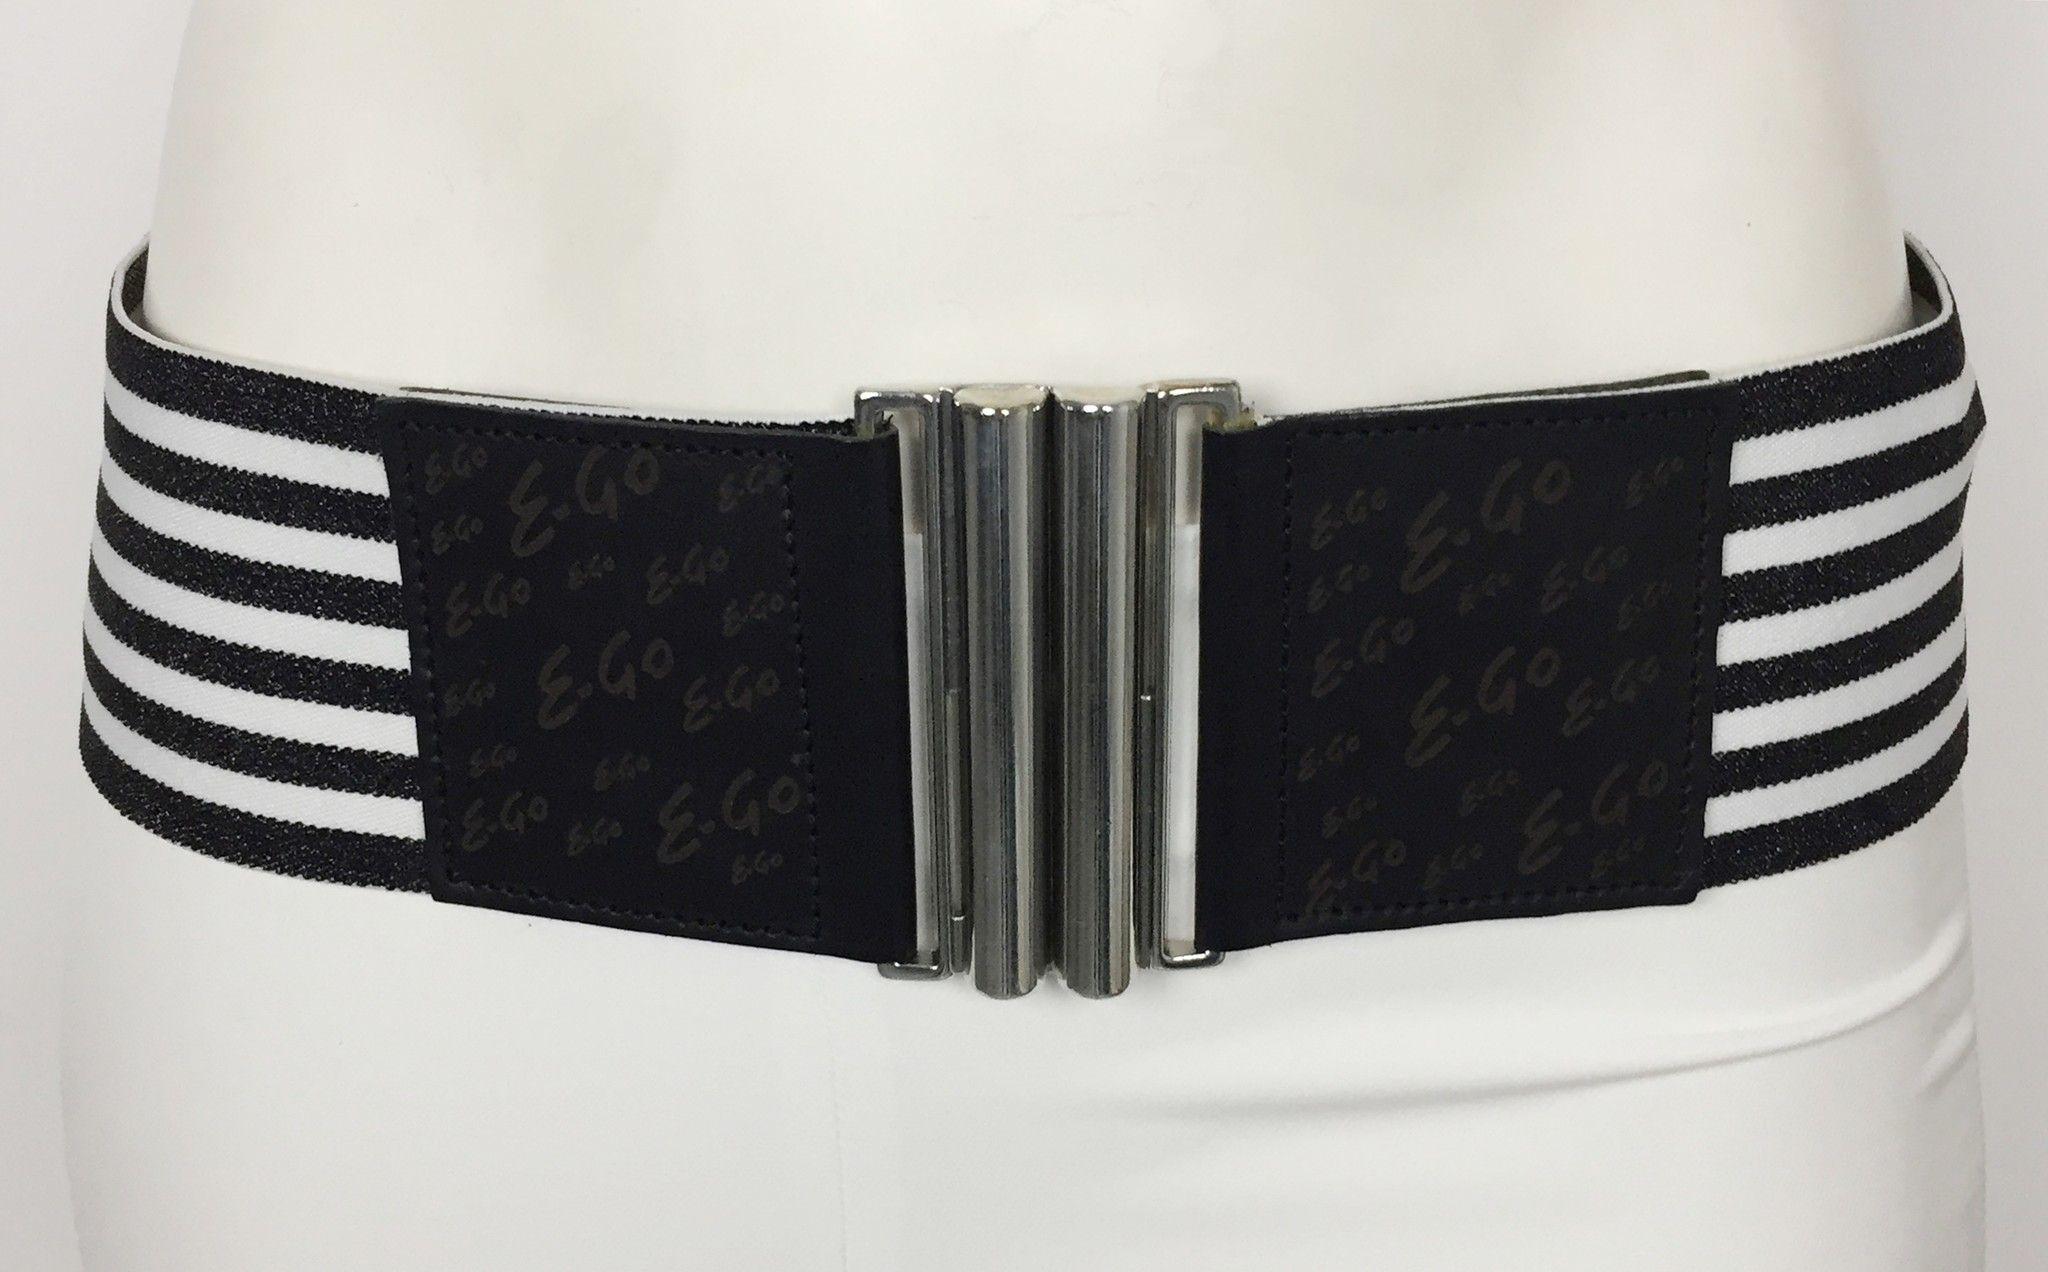 Cintura E-GO Alta Elasticizzata a Righe Bicolore Cod.9462490